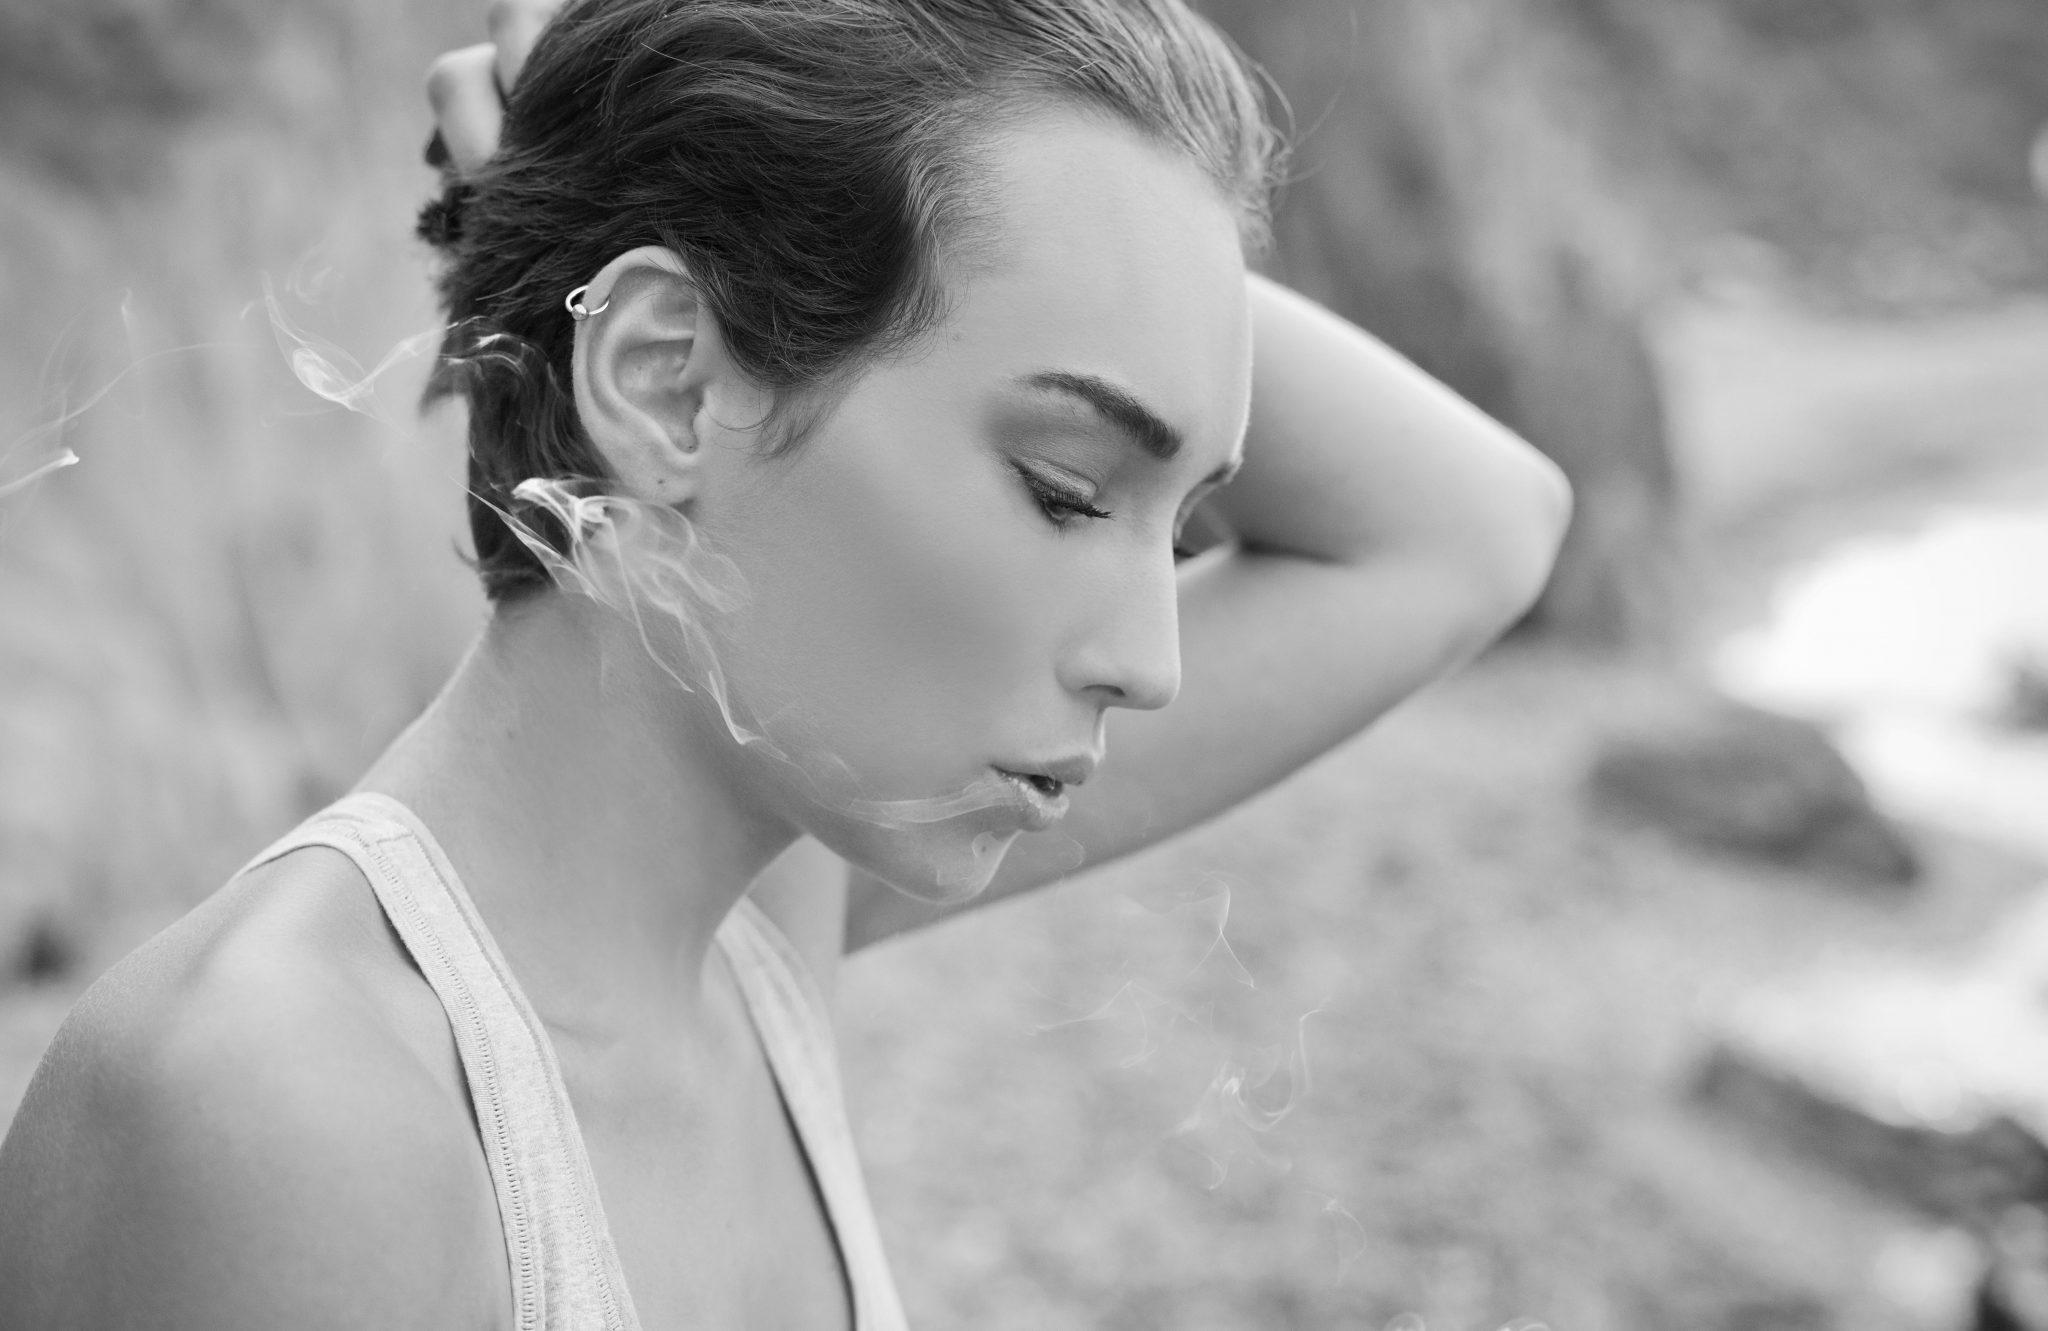 Marine S. - © Adriano Truscello photography